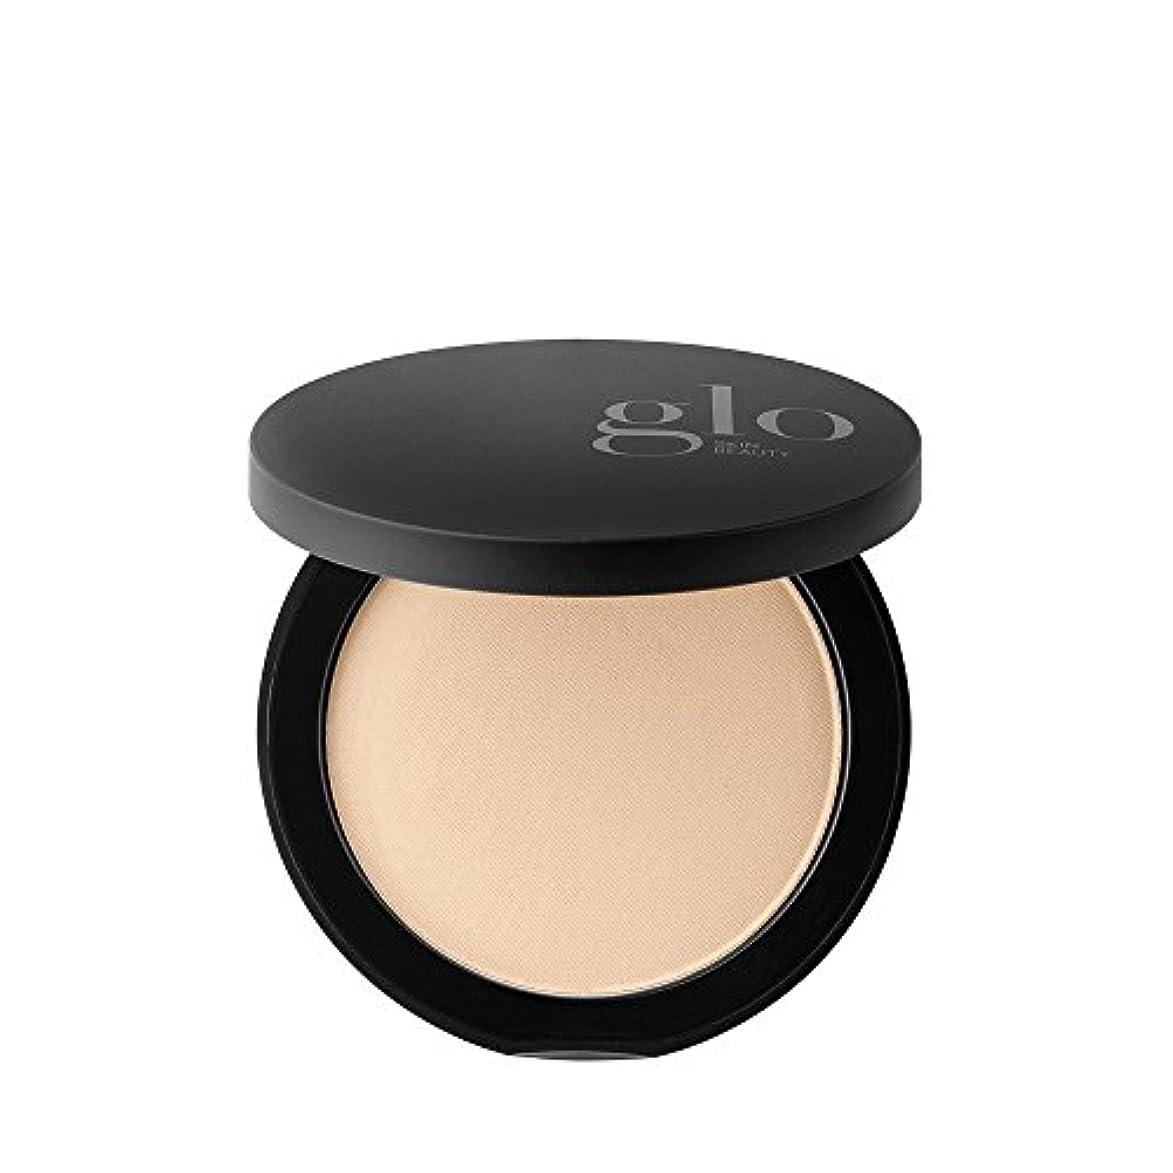 不完全なスキニー神話Glo Skin Beauty Pressed Base - # Natural Fair 9g/0.31oz並行輸入品